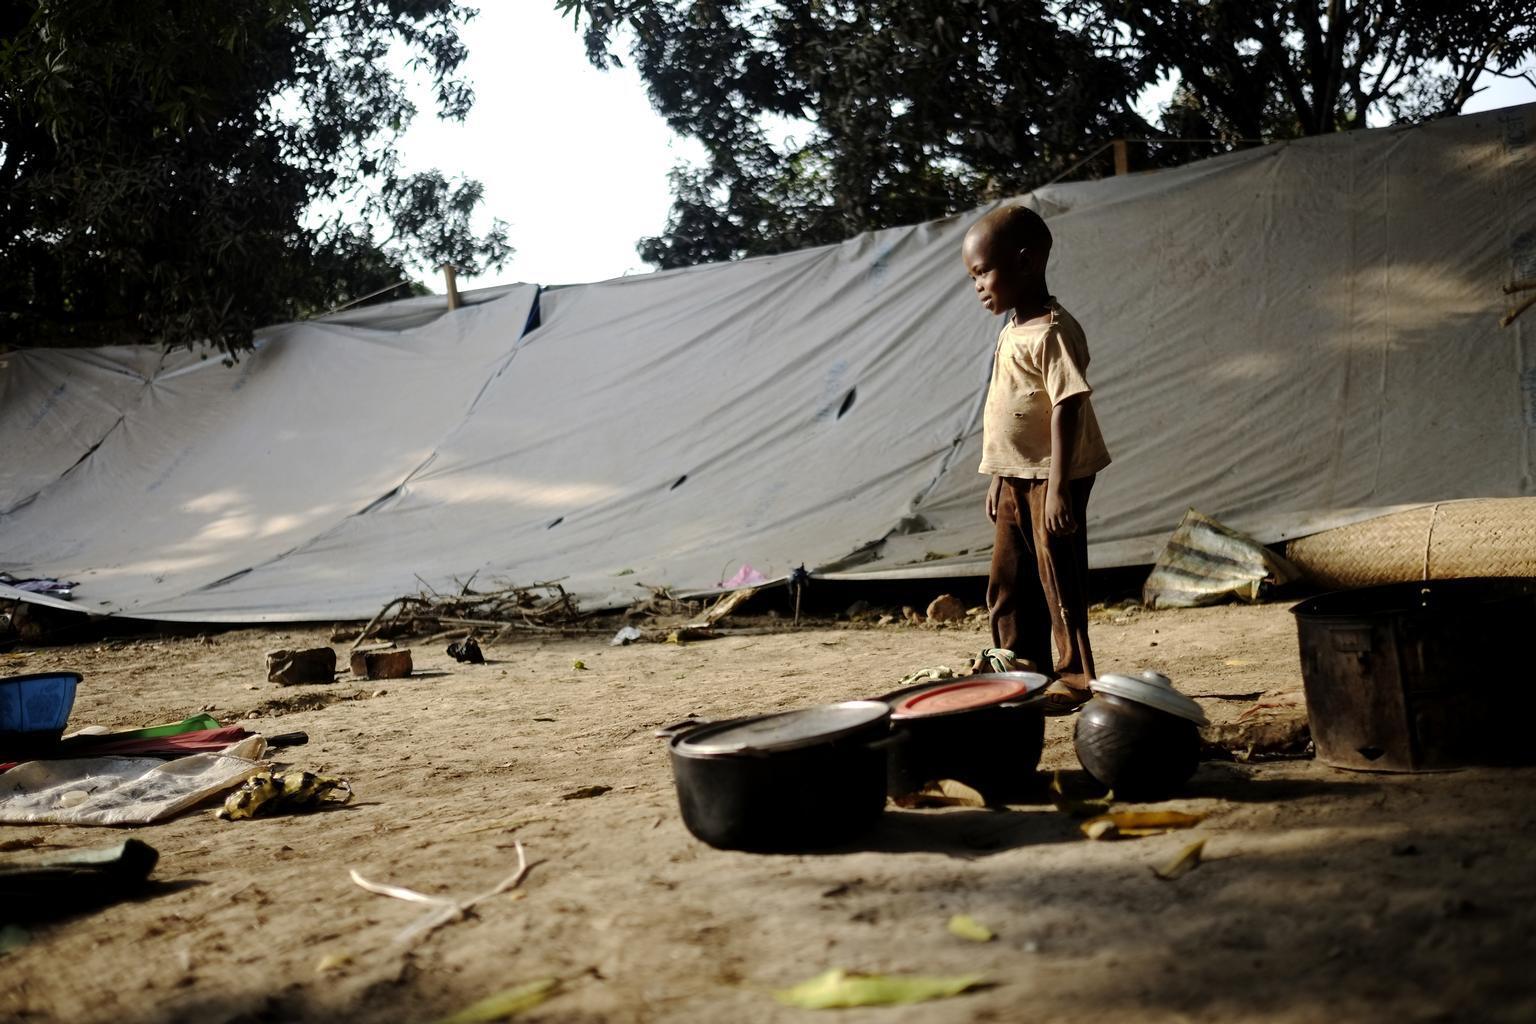 Bild zu UNICEF, United Internet for UNICEF, Weihnachten, UNICEF-Pate